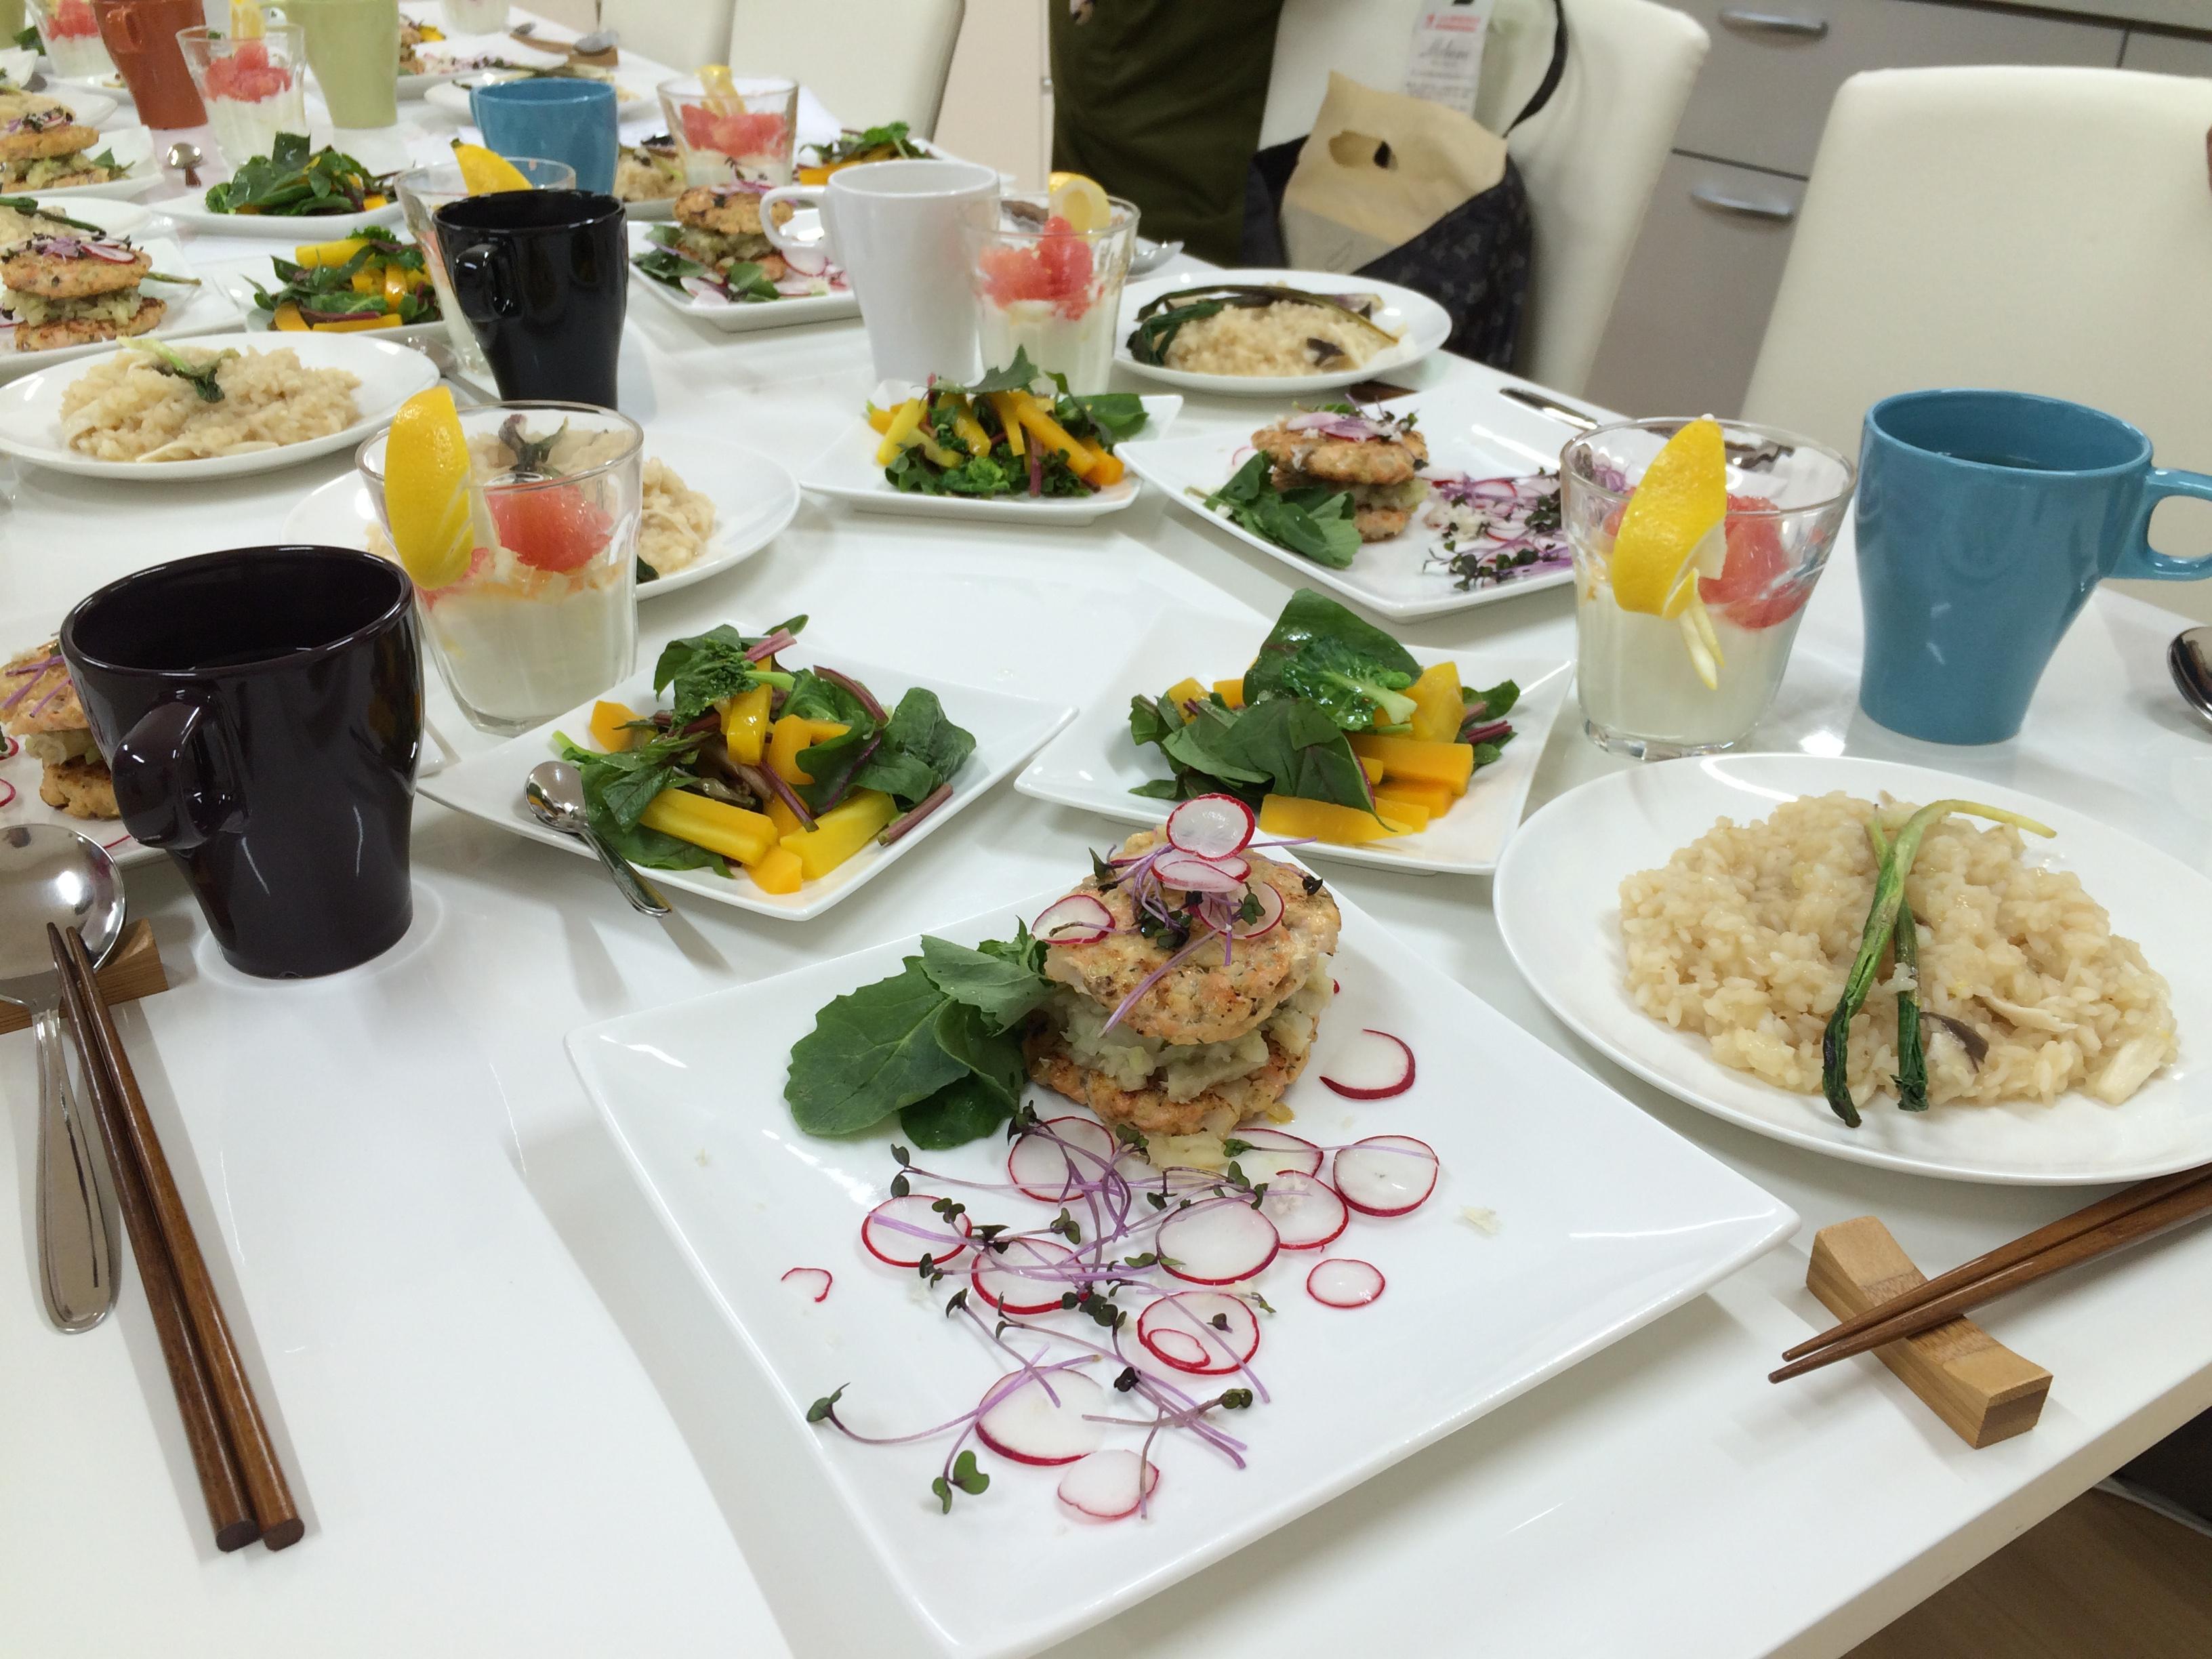 ハーブ・野菜・果物を楽しむ講座 2015年3月